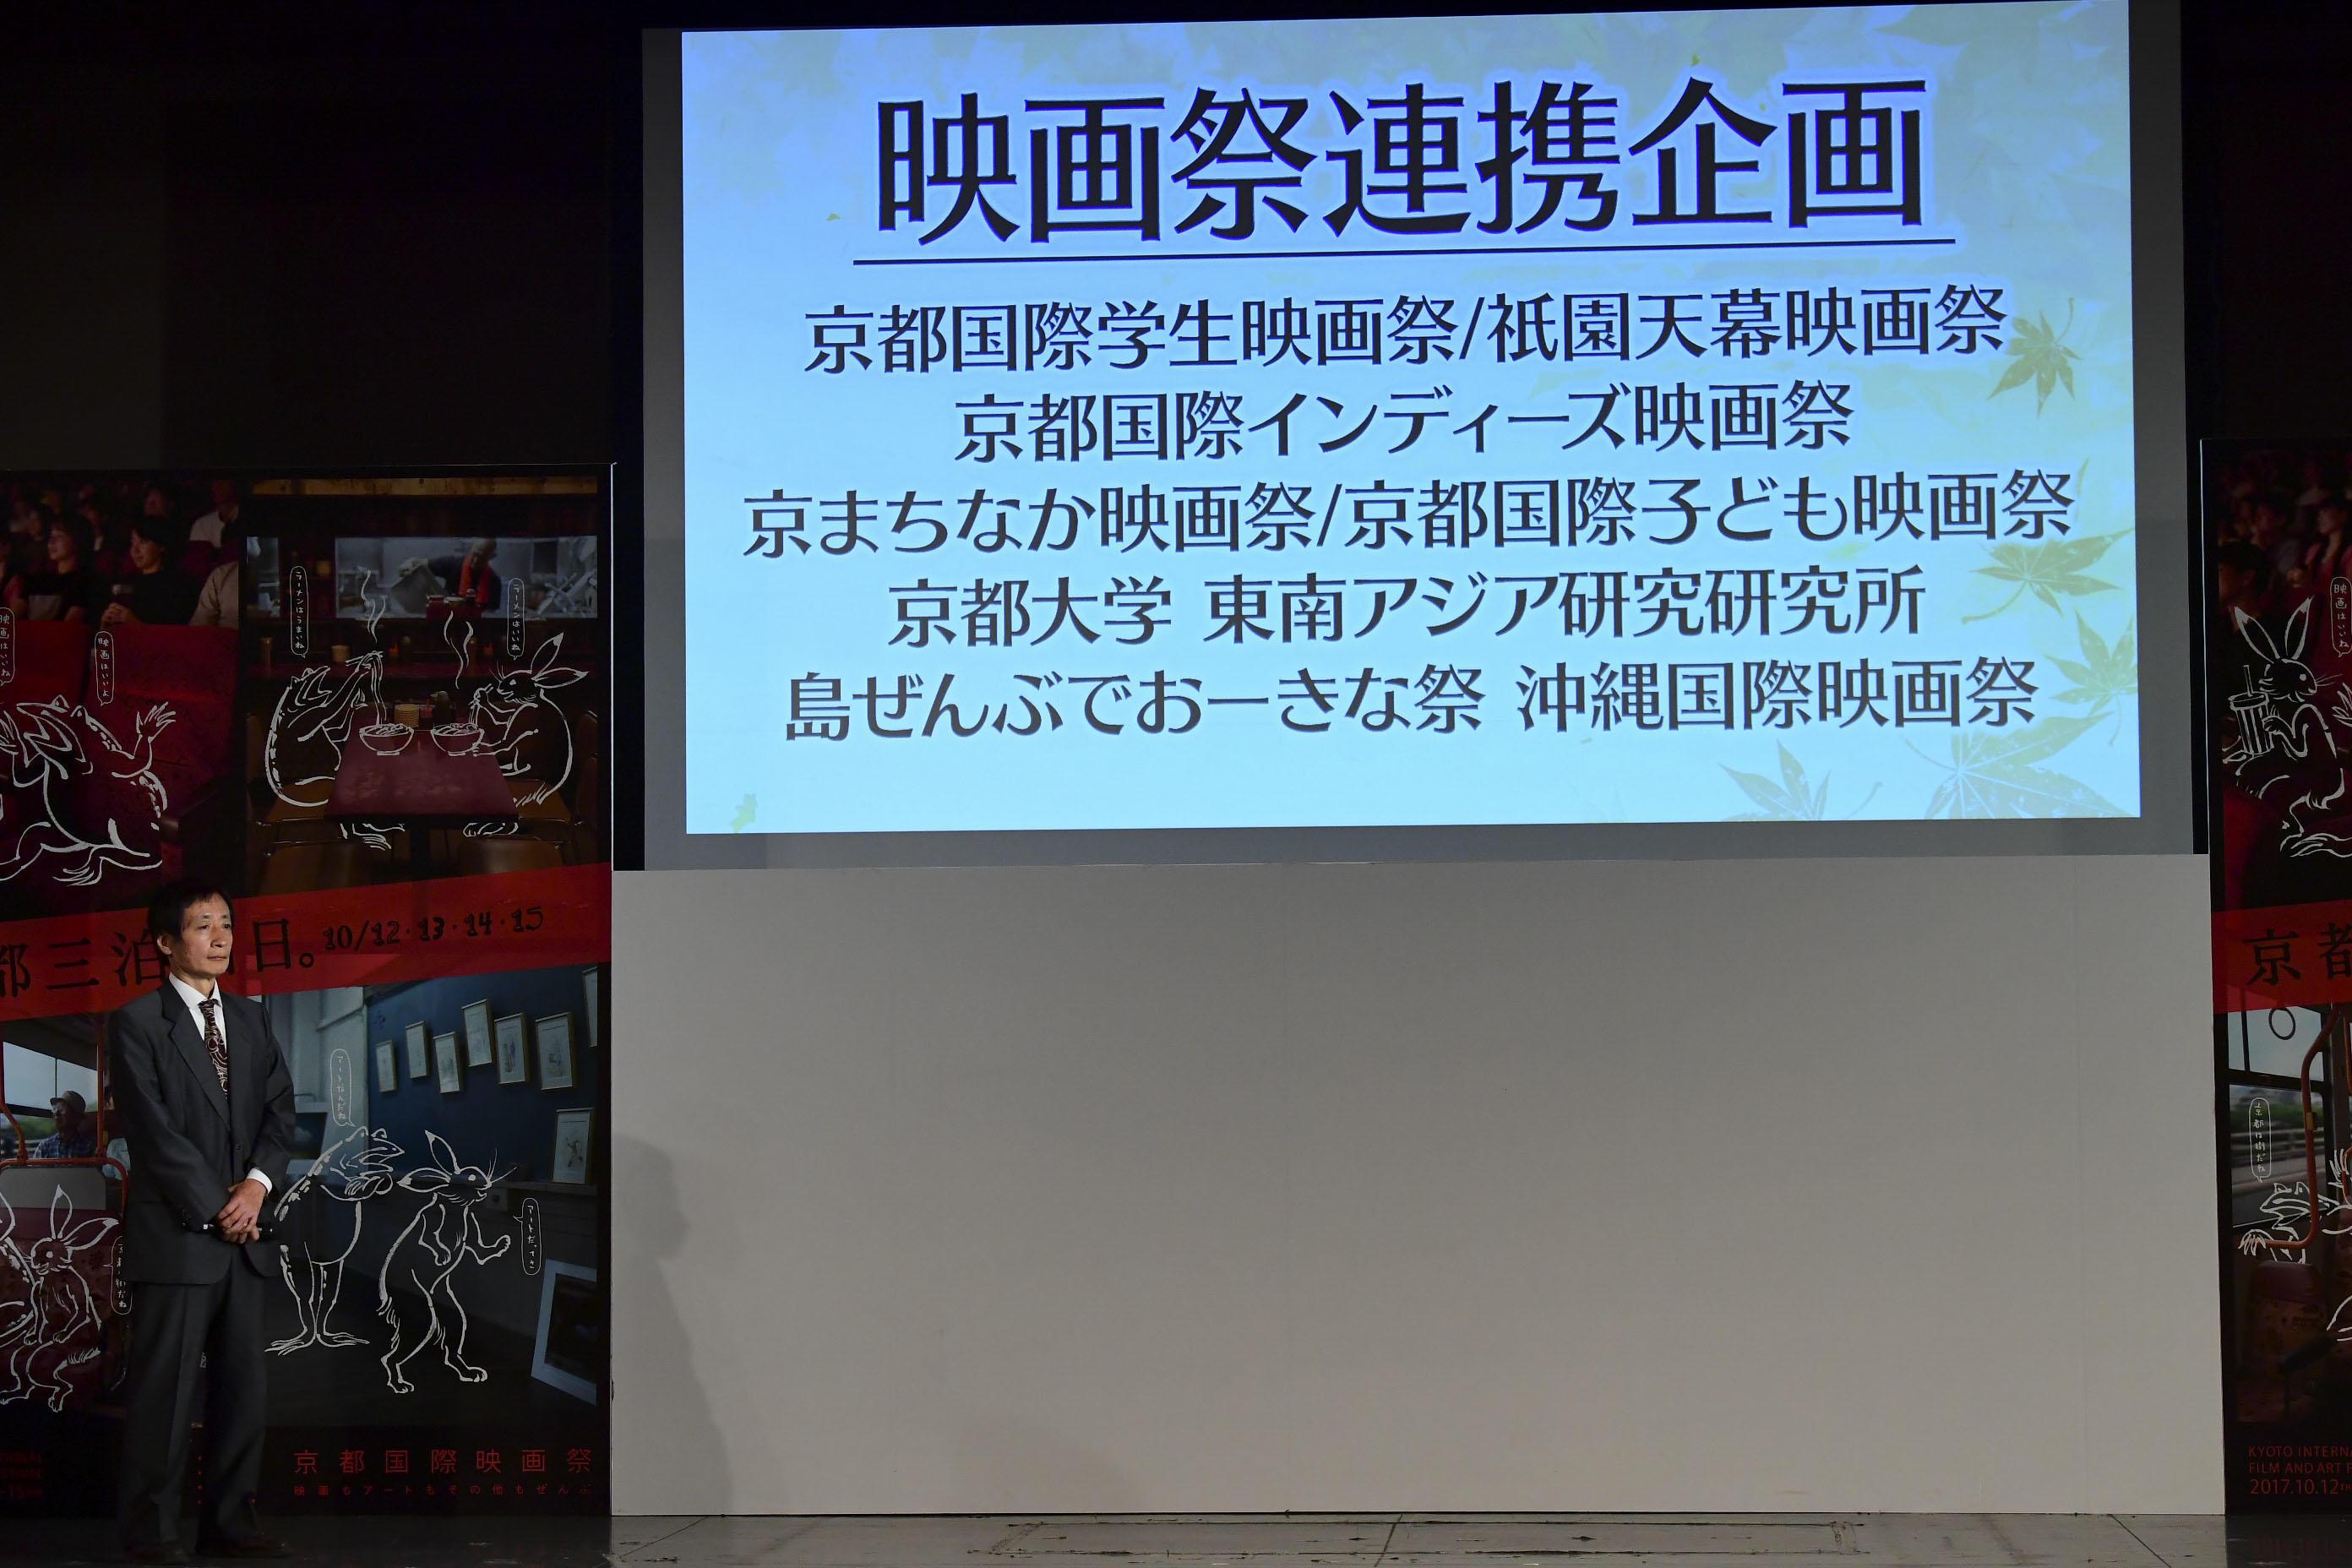 http://news.yoshimoto.co.jp/20170907003255-c9ef0b5701f689167a6d78305044da16c1d6ded2.jpg